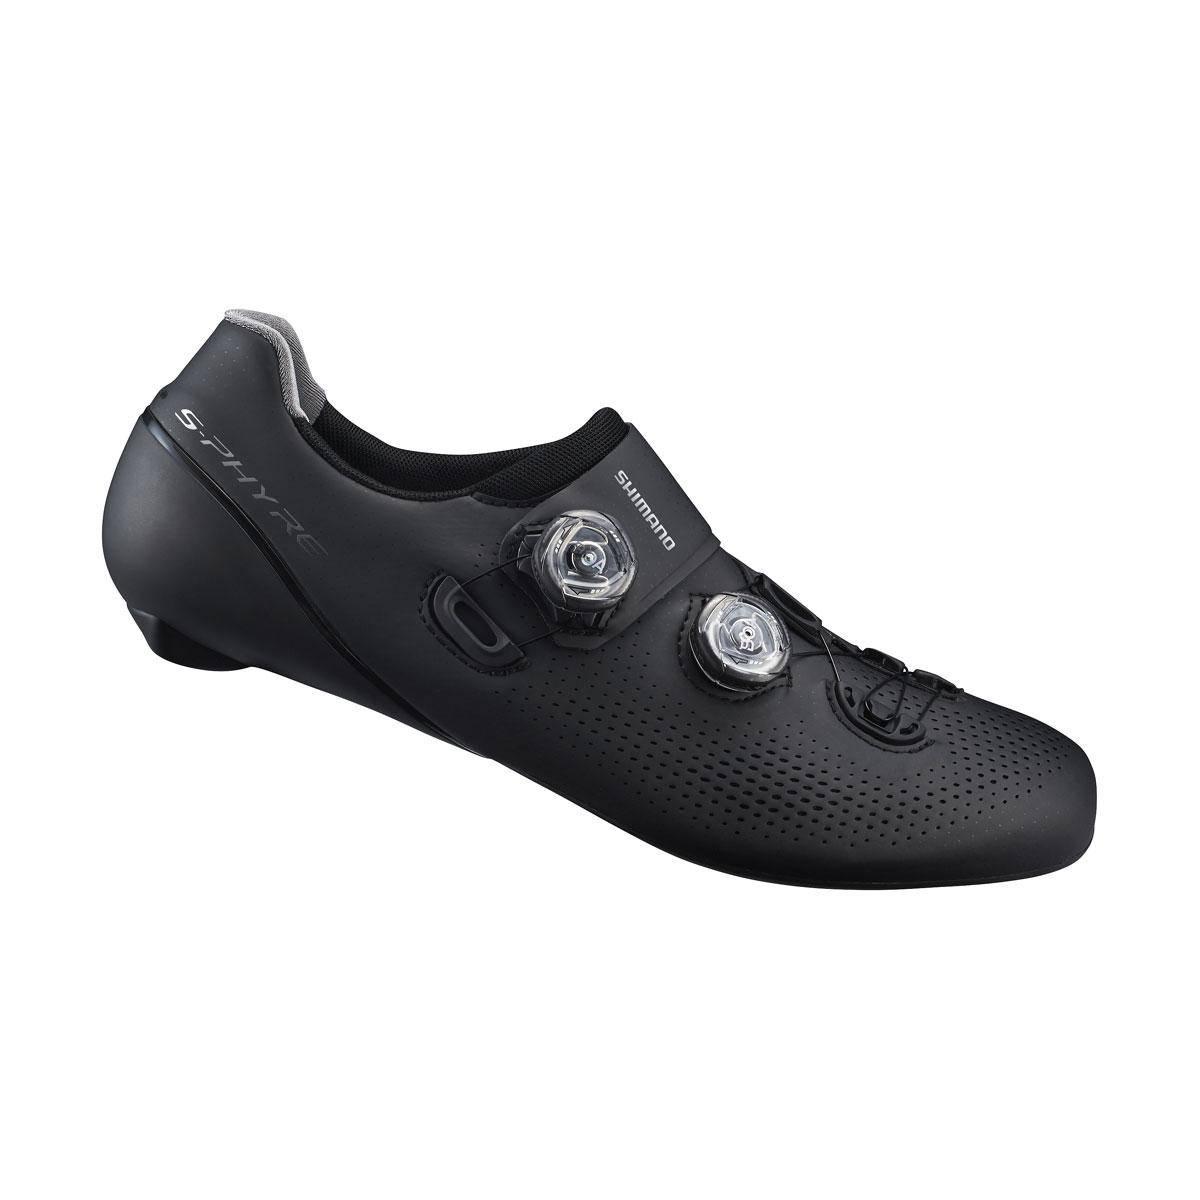 SHIMANO silniční obuv SH-RC901ML, černá, 46